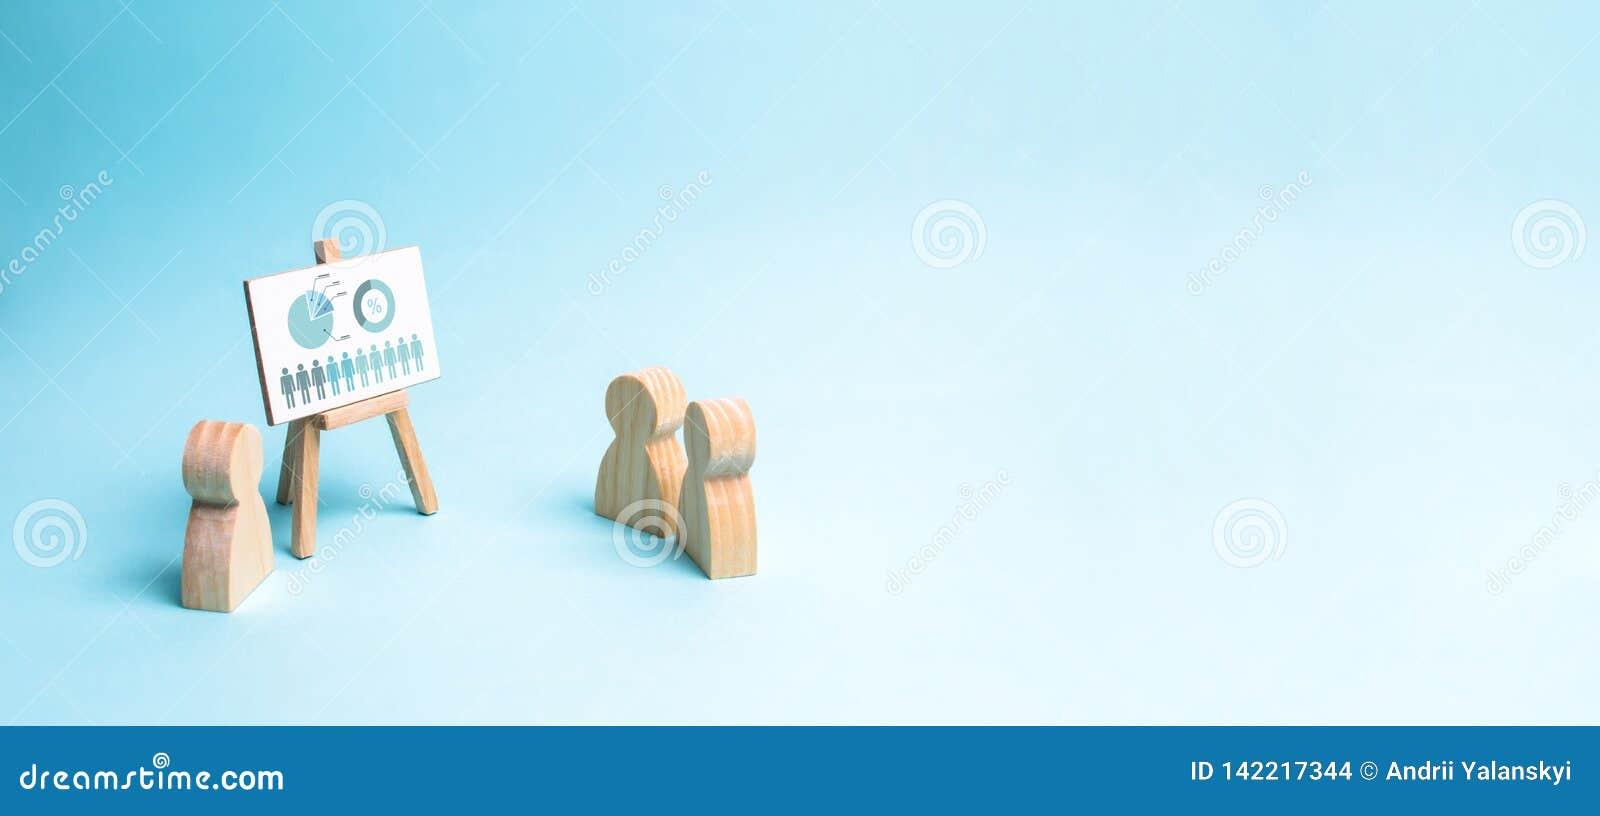 Les rapports d homme d affaires à son personnel à un briefing, un examen de la stratégie commerciale, développement de la société